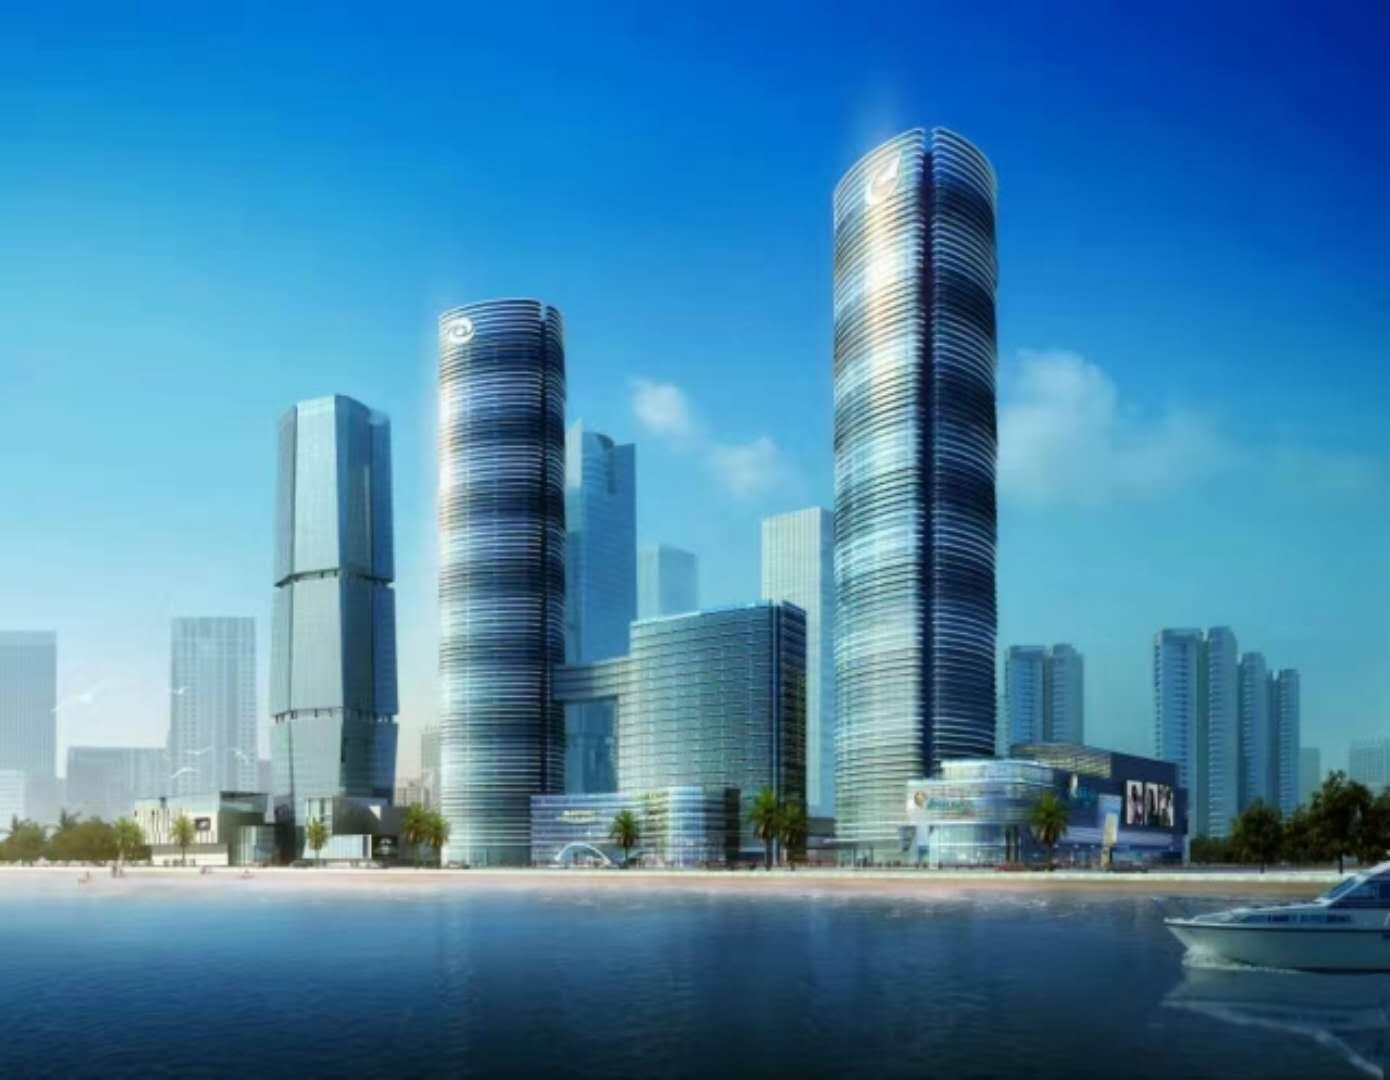 首月1元!看全海景,顶级写字楼,成功企业首选观音山中航紫金广场